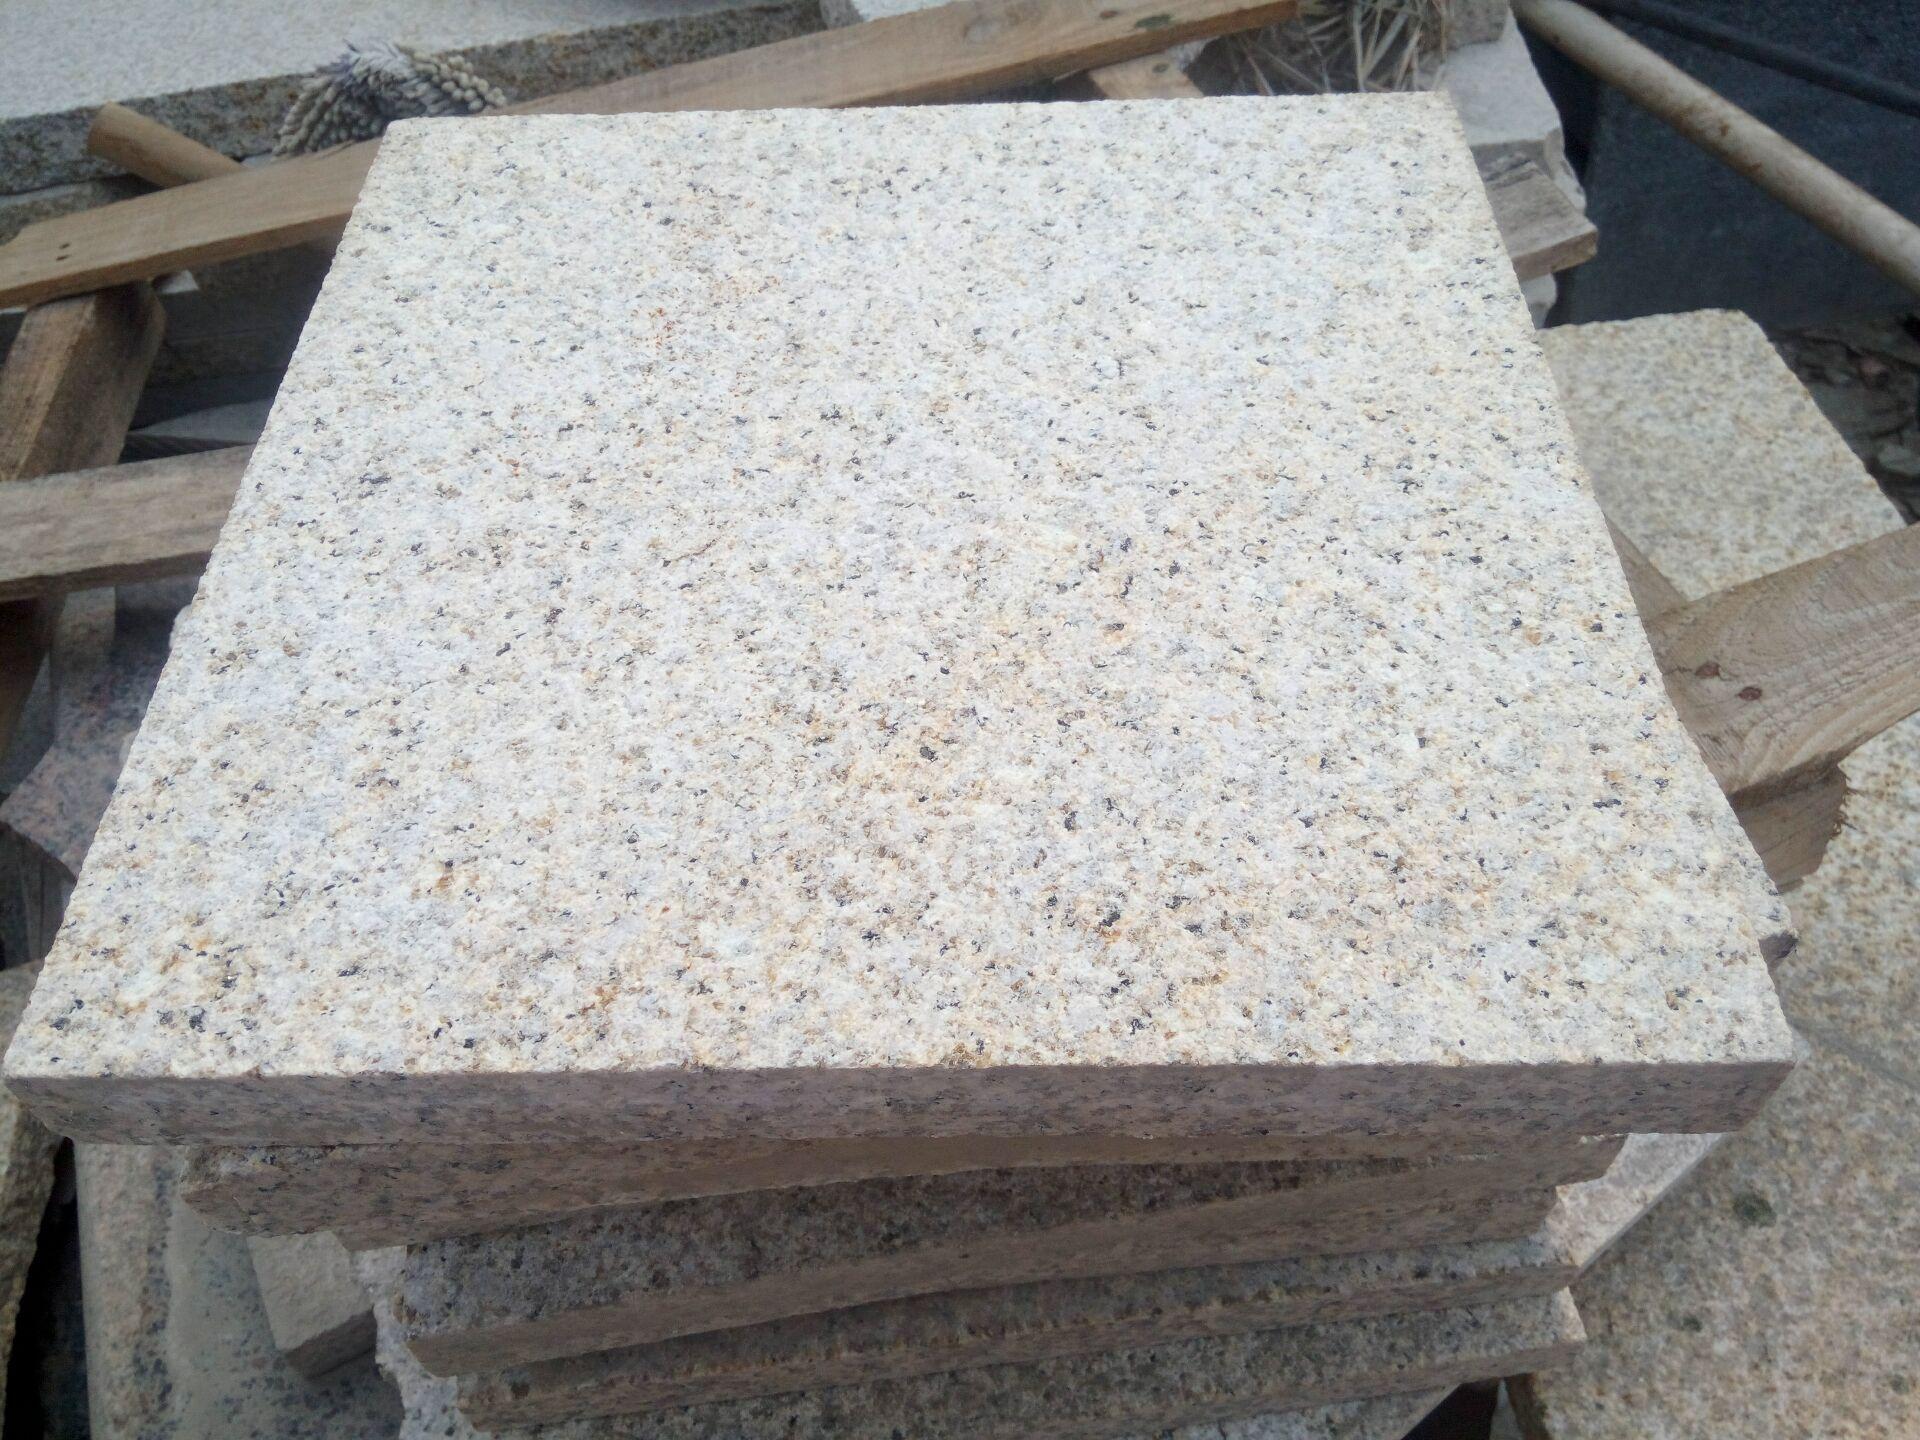 大理石选材不当容易导致放射性污染成都装修